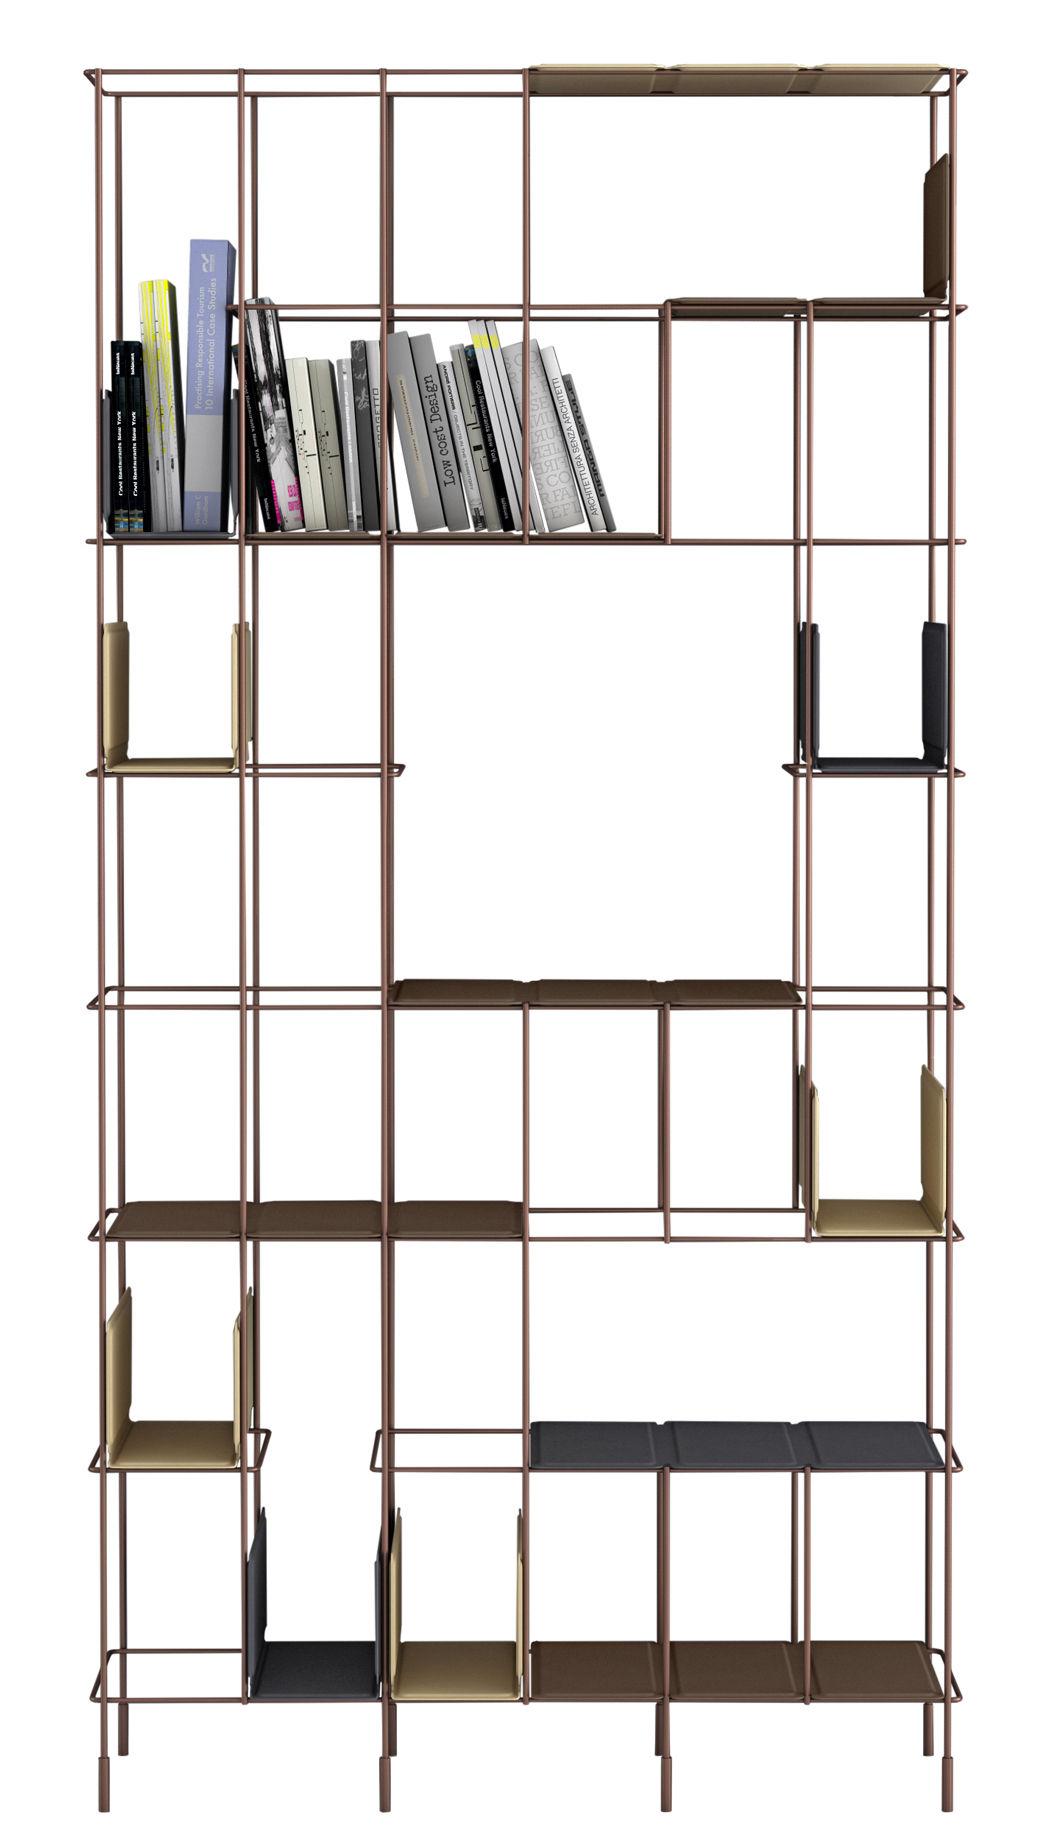 Möbel - Regale und Bücherregale - Network Bücherregal / mit 5 abnehmbaren Regalelementen - L 98 cm x H 192 cm - Casamania - Gestell bronzefarben / Regalelemente braun - bemaltes Metall, Kunstleder